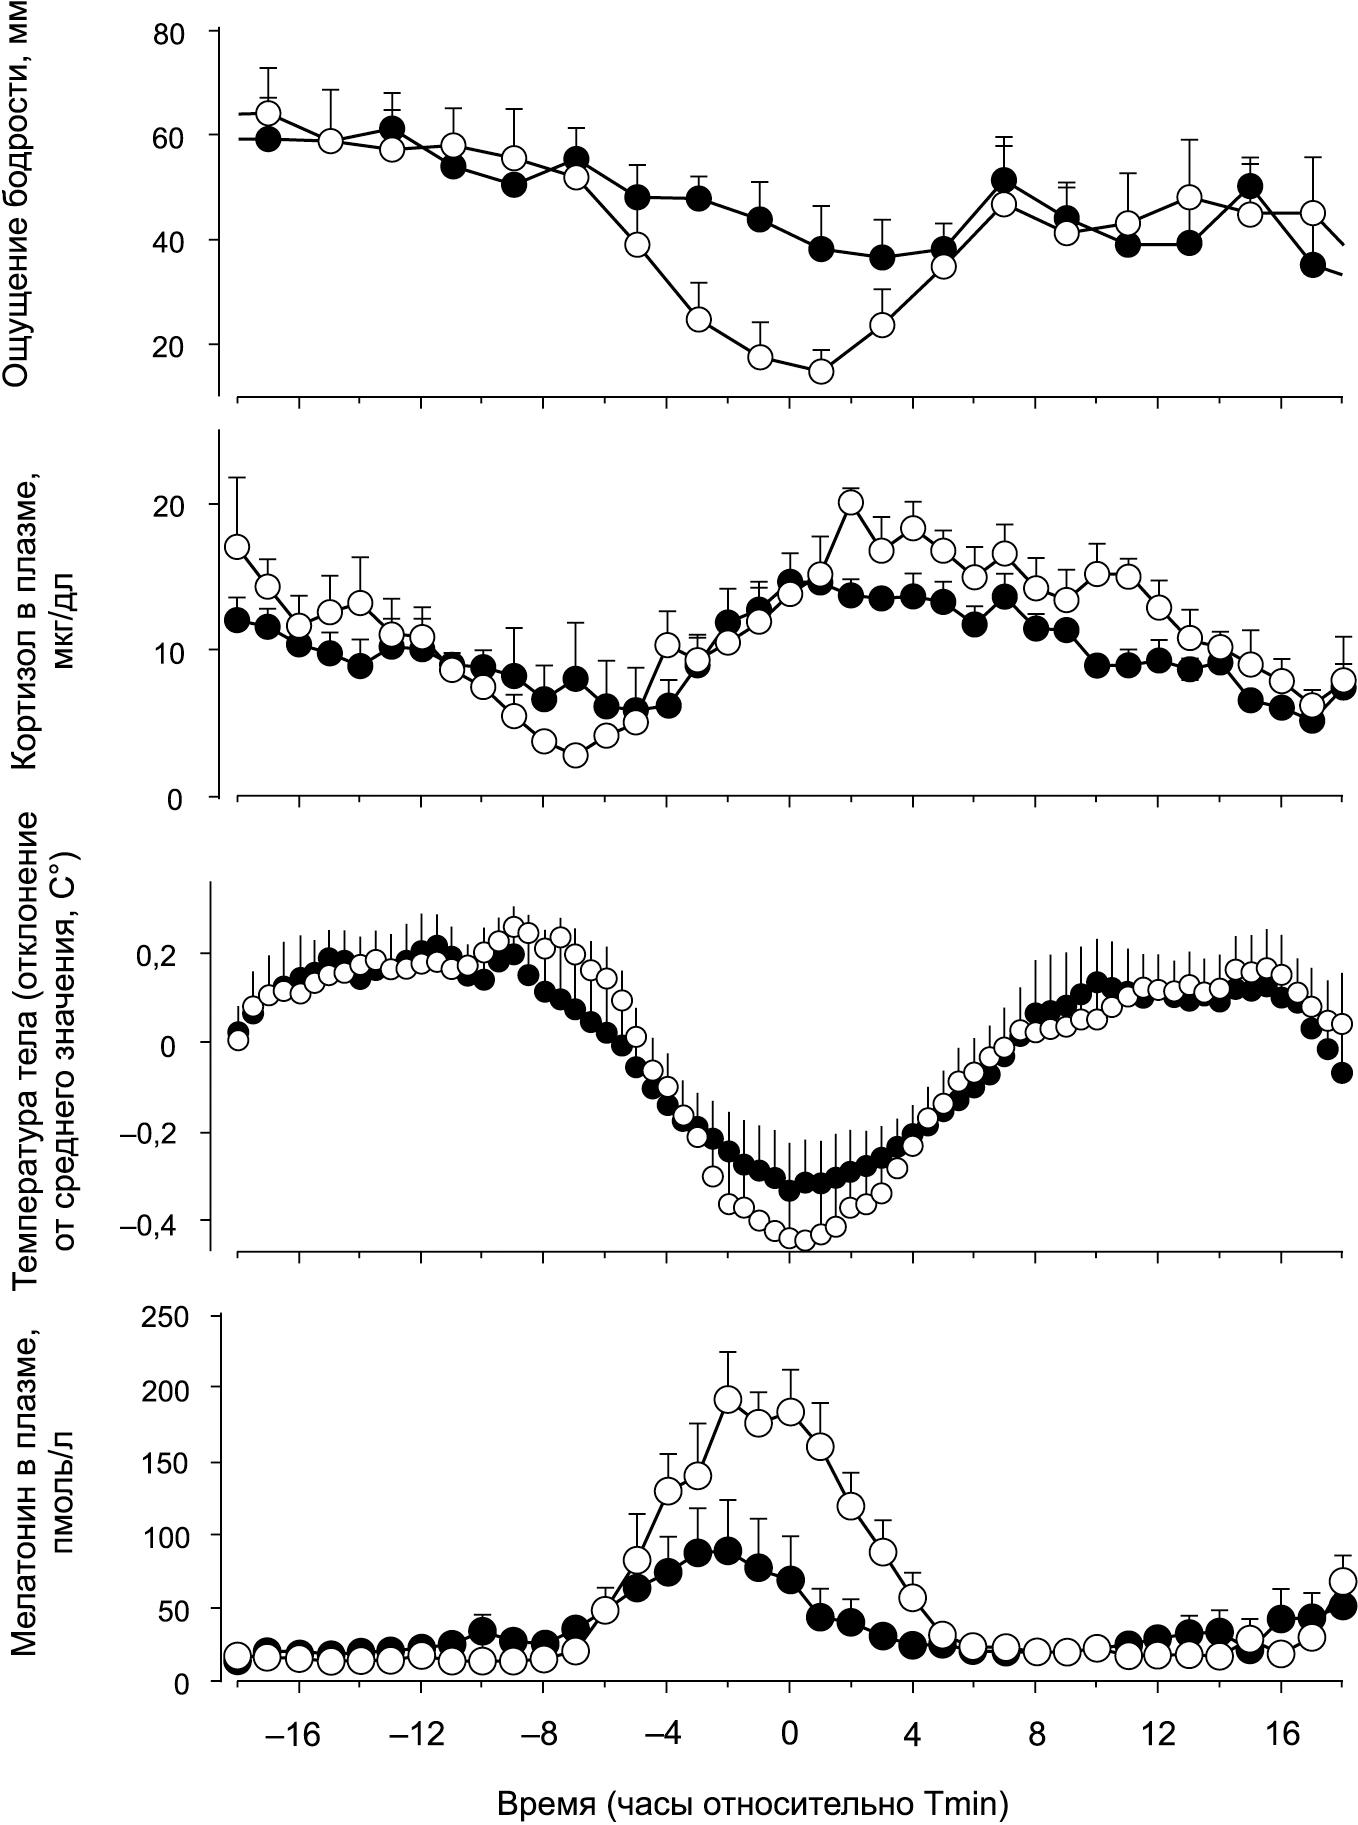 Средние колебания циркадных переменных и уменьшение амплитуды